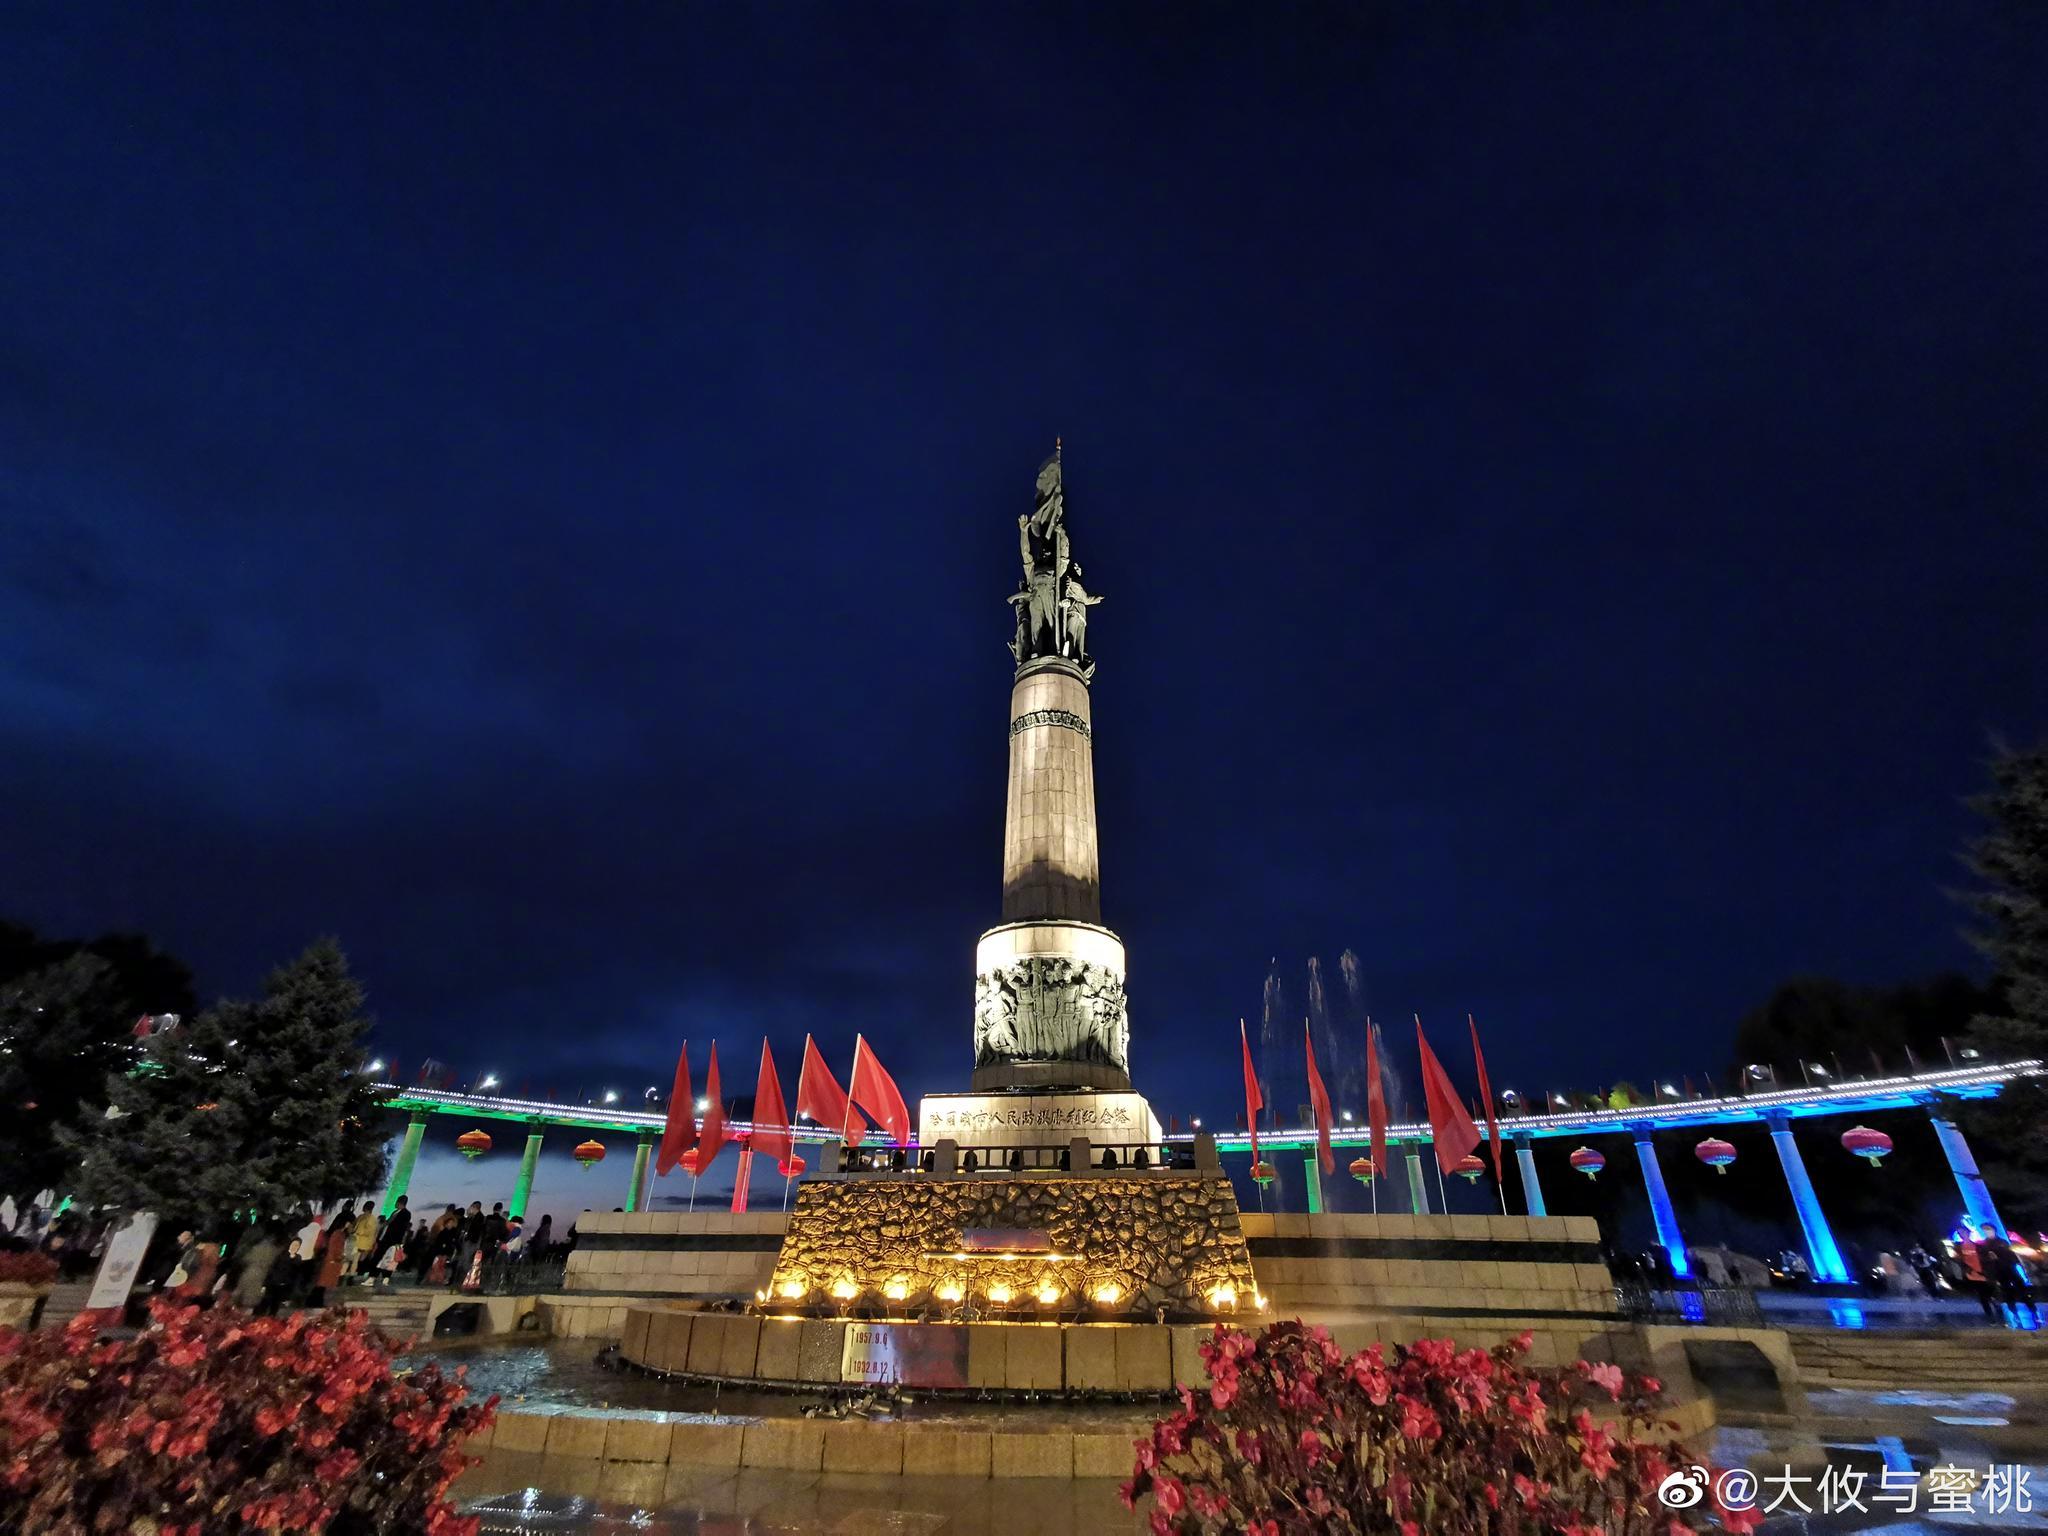 这就是我们哈尔滨防洪纪念塔和松花江的夜景